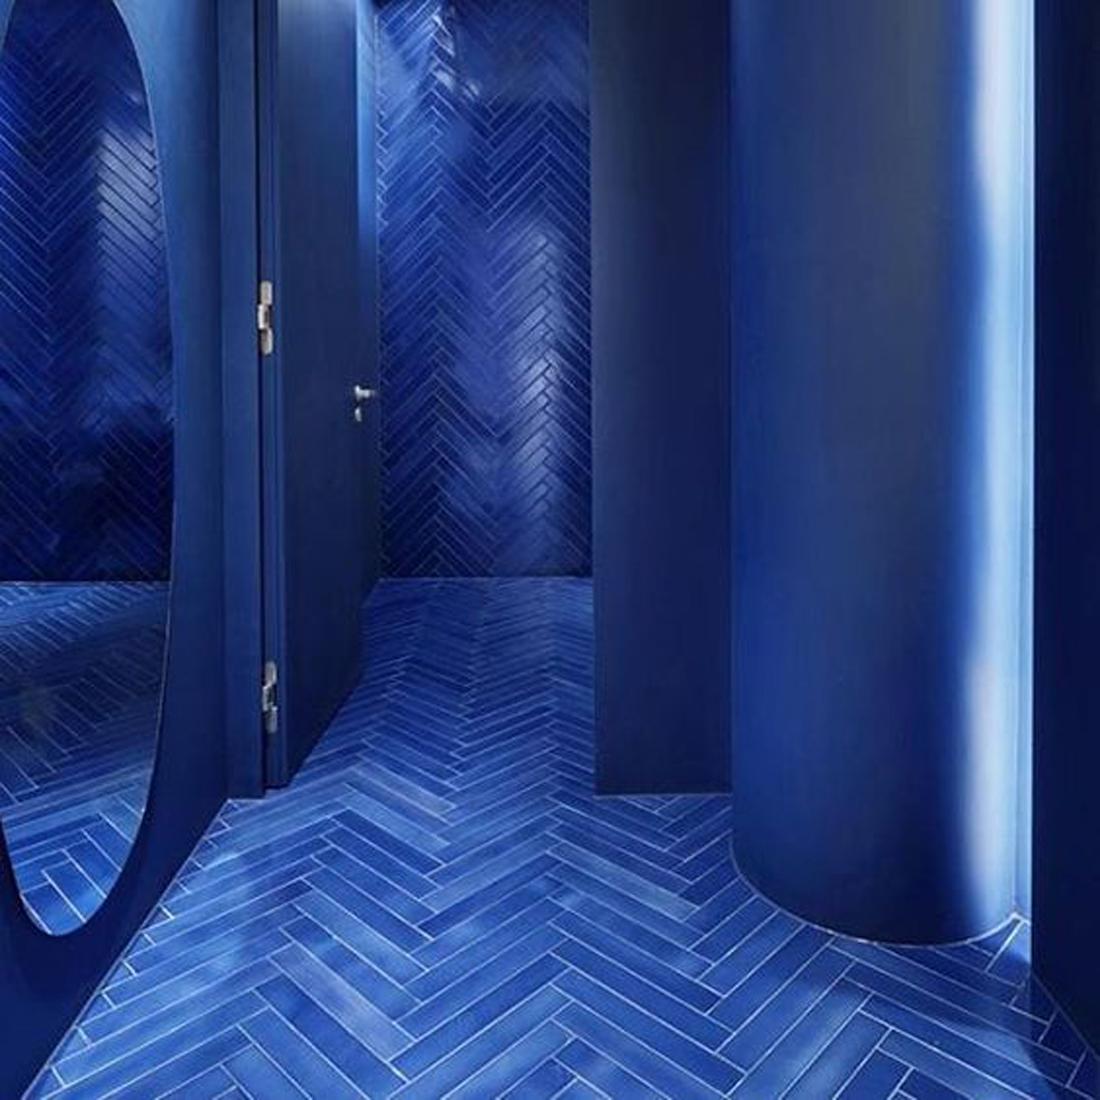 pantone, pantone color, hay design, studio IN2, IN2 Design, אדום כחול, טרנדים בצבע, מגמות וטרנדים בצבעים